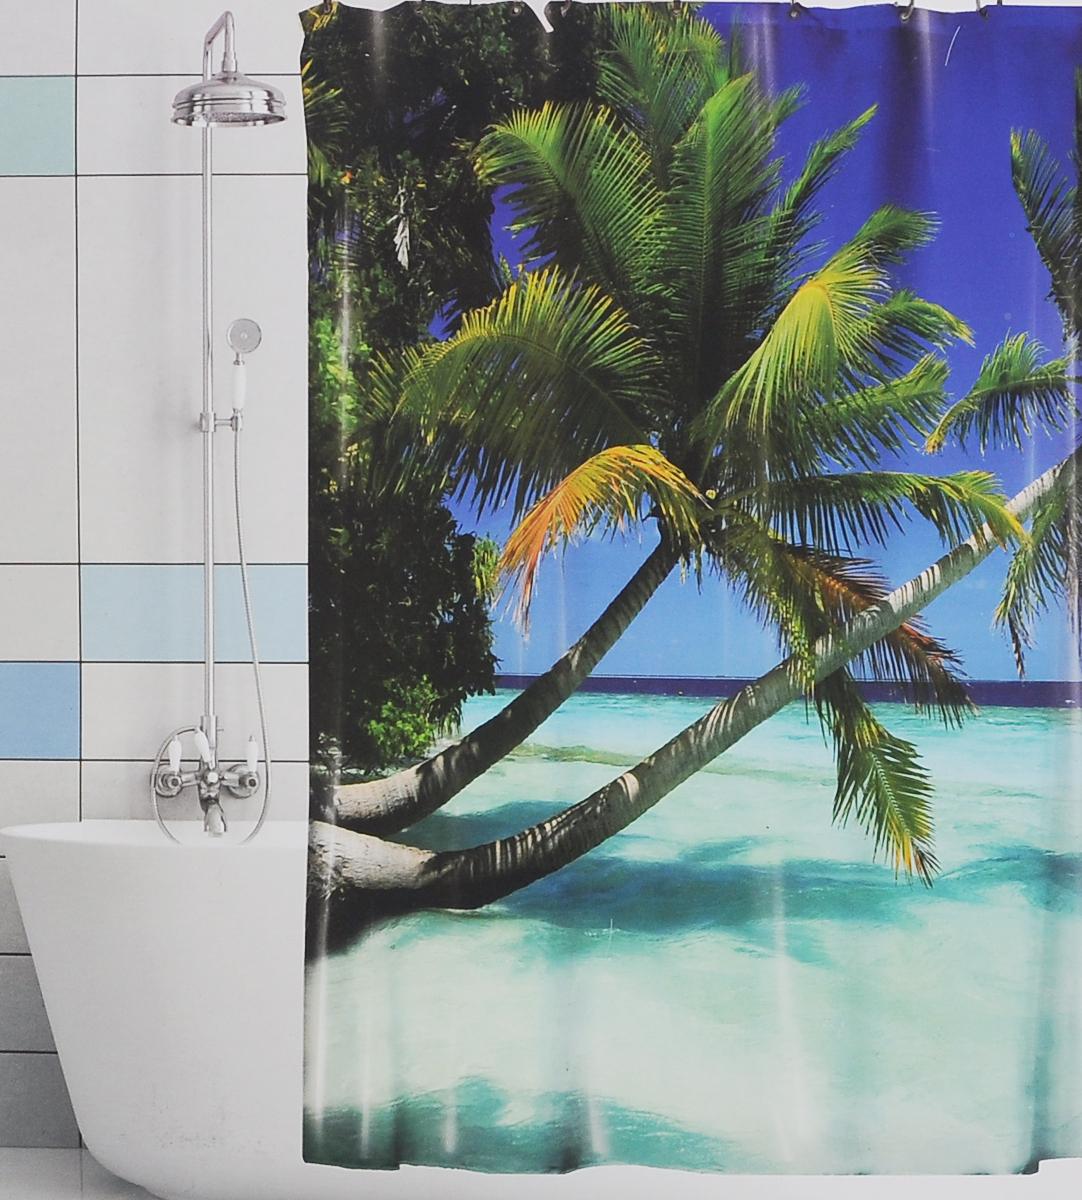 Штора для ванной Valiant Голубая лагуна, цвет: синий, зеленый, 180 см х 180 смBBШтора для ванной комнаты Valiant Голубая лагуна из 100% плотного полиэстера с водоотталкивающей поверхностью идеально защищает ванную комнату от брызг.В верхней кромке шторы предусмотрены отверстия для пластиковых колец (входят в комплект), а в нижней кромке шторы скрыт гибкий шнур, который поддерживает ее в естественной расправленной форме.Штору можно легко почистить мягкой губкой с мылом или постирать ее с мягким моющим средством в деликатном режиме. Количество колец: 12 шт.